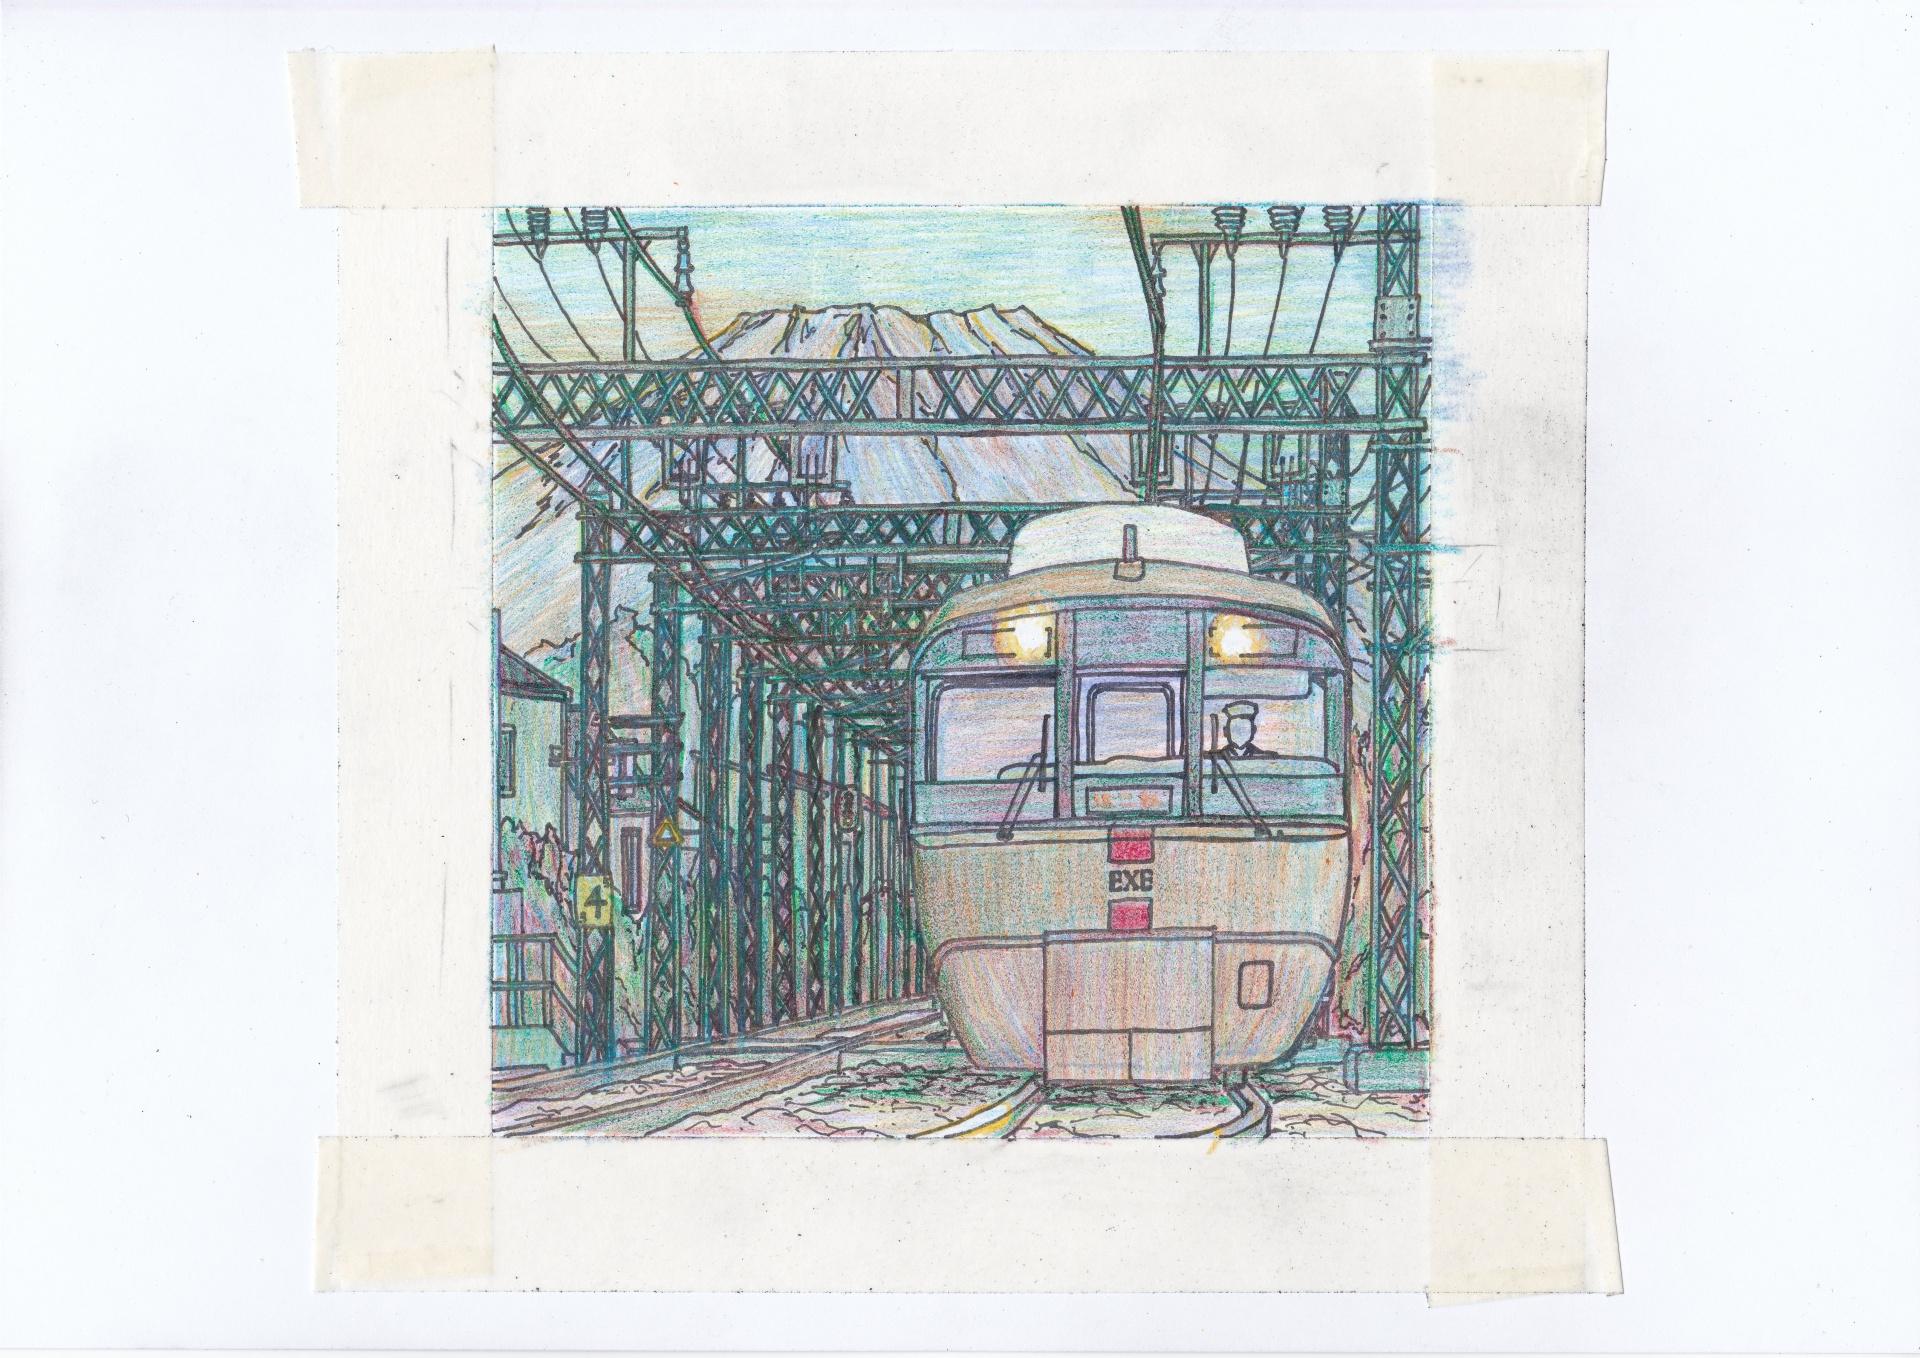 小田急ロマンスカーEXEのイラスト